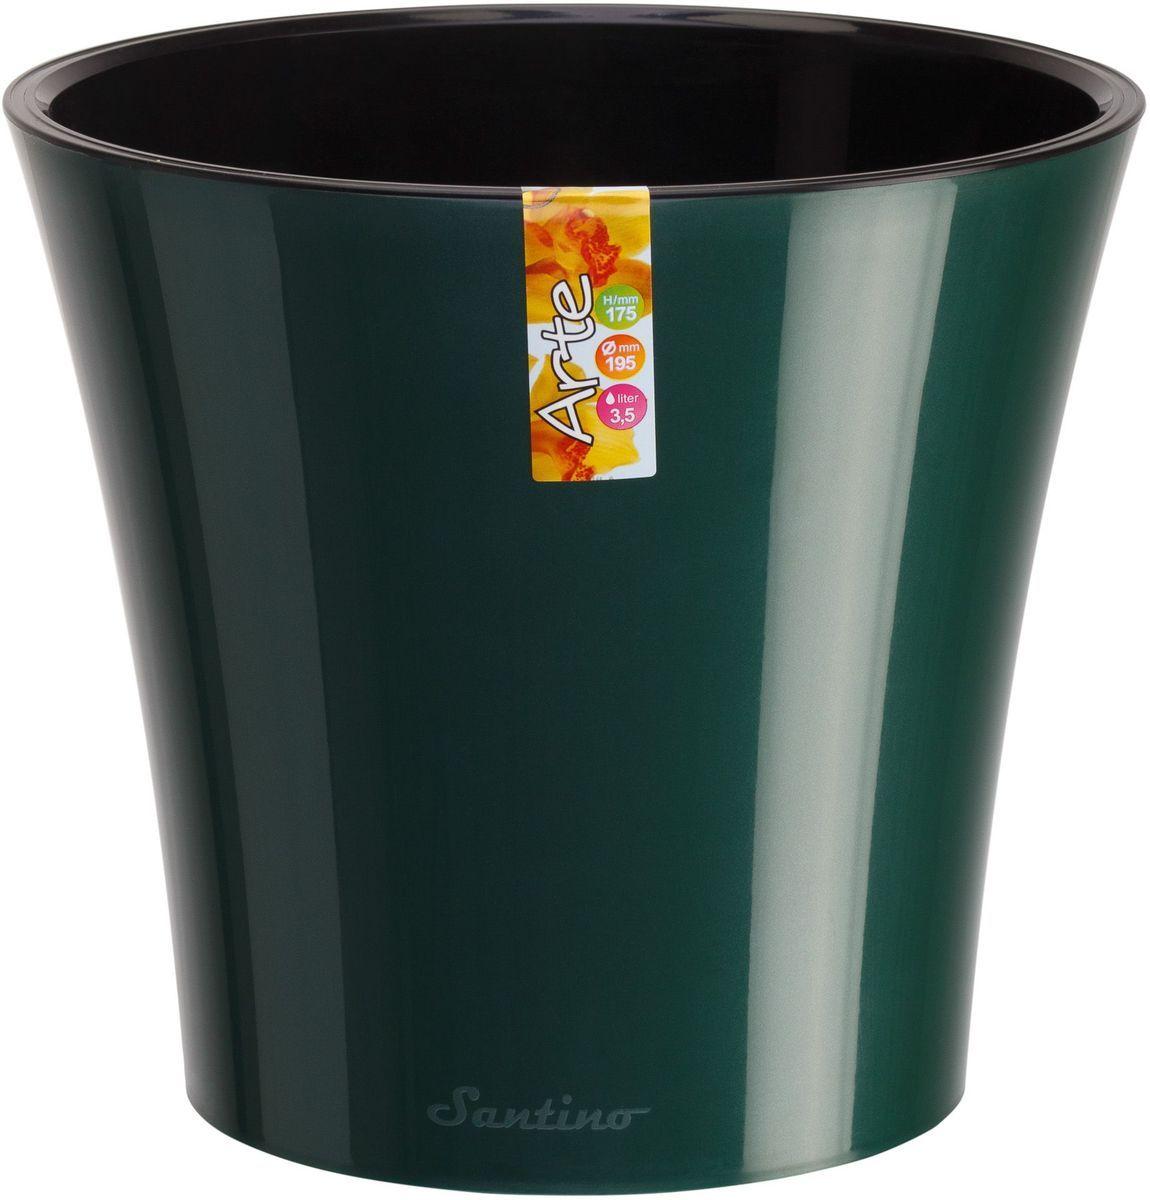 Горшок цветочный Santino Арте, двойной, с системой автополива, цвет: зеленый, черный, 5 лАРТ 5 ЗЕЛ-ЧЛюбой, даже самый современный и продуманный интерьер будет незавершённым без растений. Они не только очищают воздух и насыщают его кислородом, но и украшают окружающее пространство. Такому полезному члену семьи просто необходим красивый и функциональный дом! Мы предлагаем #name#! Оптимальный выбор материала — пластмасса! Почему мы так считаем?Малый вес. С лёгкостью переносите горшки и кашпо с места на место, ставьте их на столики или полки, не беспокоясь о нагрузке. Простота ухода. Кашпо не нуждается в специальных условиях хранения. Его легко чистить — достаточно просто сполоснуть тёплой водой. Никаких потёртостей. Такие кашпо не царапают и не загрязняют поверхности, на которых стоят. Пластик дольше хранит влагу, а значит, растение реже нуждается в поливе. Пластмасса не пропускает воздух — корневой системе растения не грозят резкие перепады температур. Огромный выбор форм, декора и расцветок — вы без труда найдёте что-то, что идеально впишется в уже существующий интерьер. Соблюдая нехитрые правила ухода, вы можете заметно продлить срок службы горшков и кашпо из пластика:всегда учитывайте размер кроны и корневой системы (при разрастании большое растение способно повредить маленький горшок)берегите изделие от воздействия прямых солнечных лучей, чтобы горшки не выцветалидержите кашпо из пластика подальше от нагревающихся поверхностей. Создавайте прекрасные цветочные композиции, выращивайте рассаду или необычные растения.